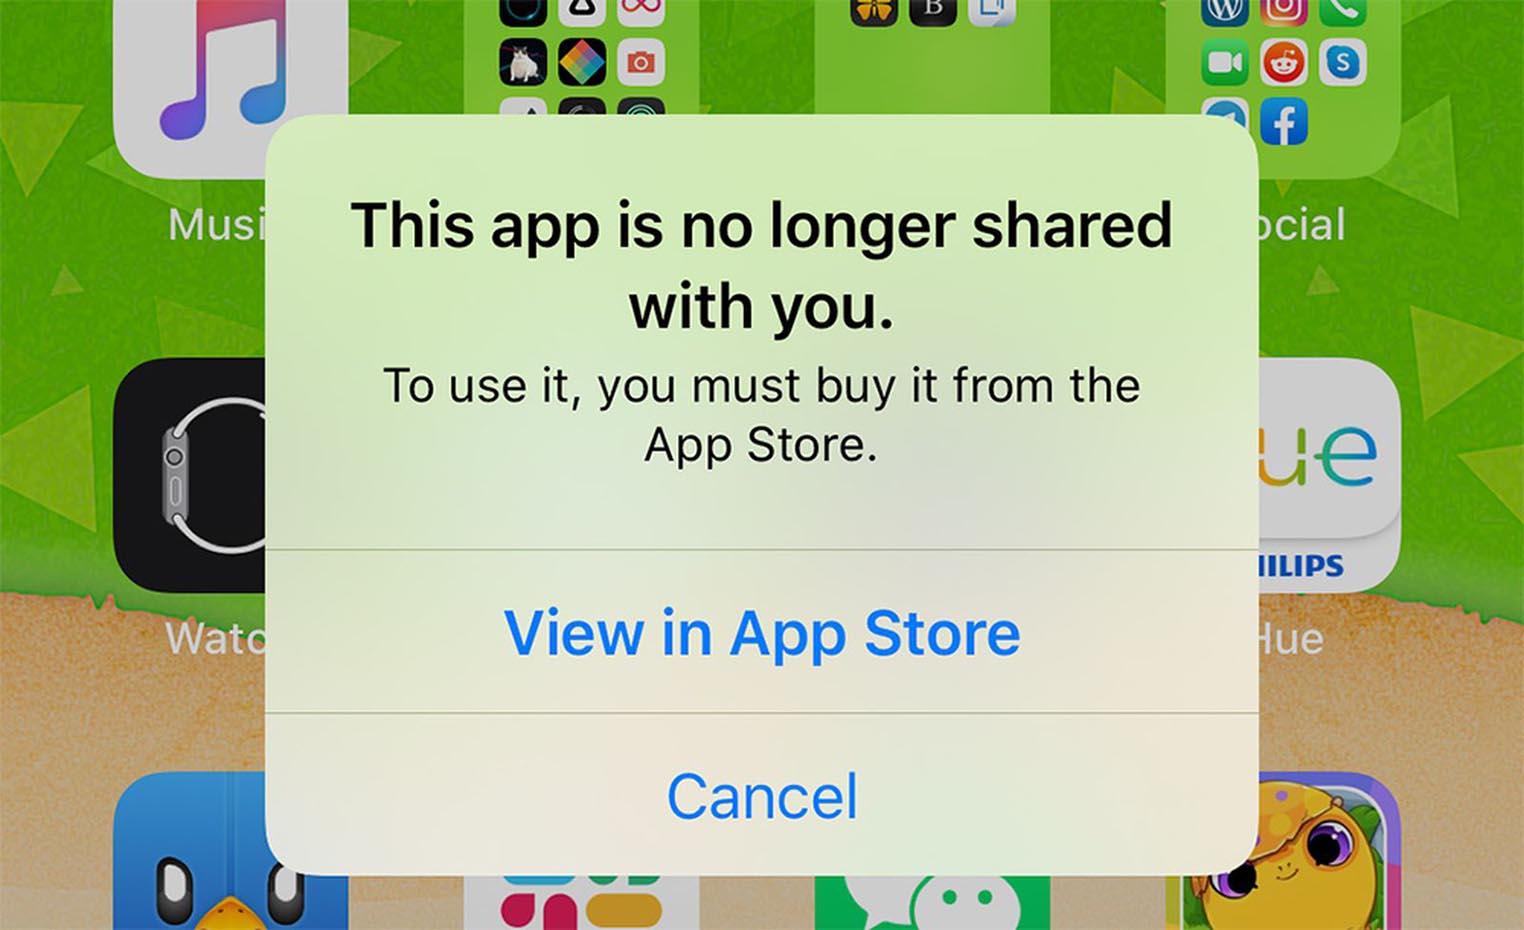 Cette app n'est plus partagée avec vous